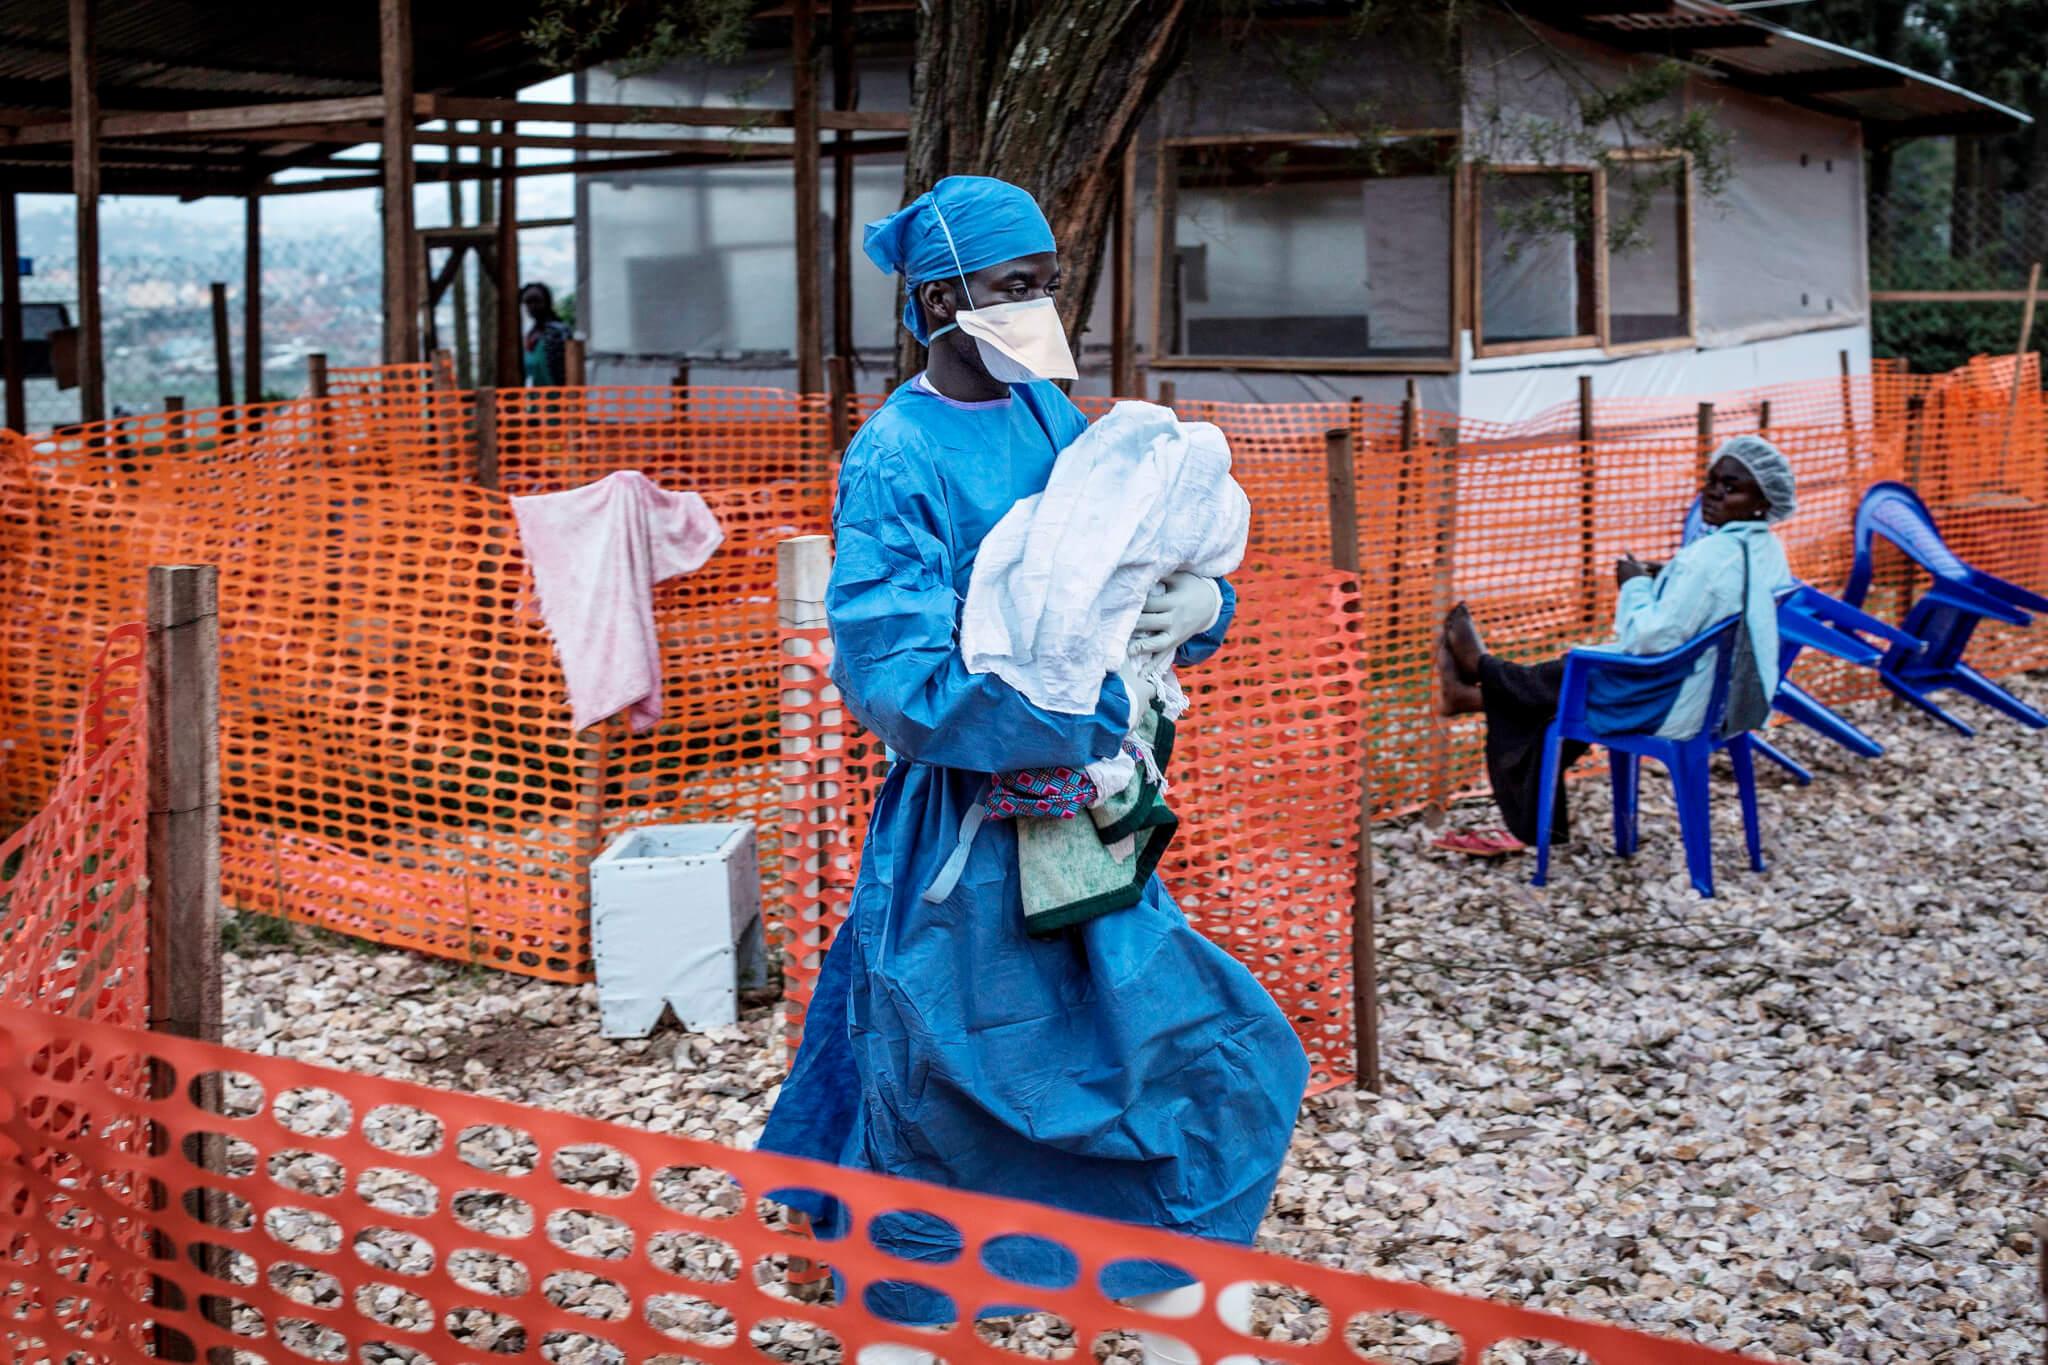 Boj s ebolou a dezinformacemi: zpověď humanitárního pracovníka